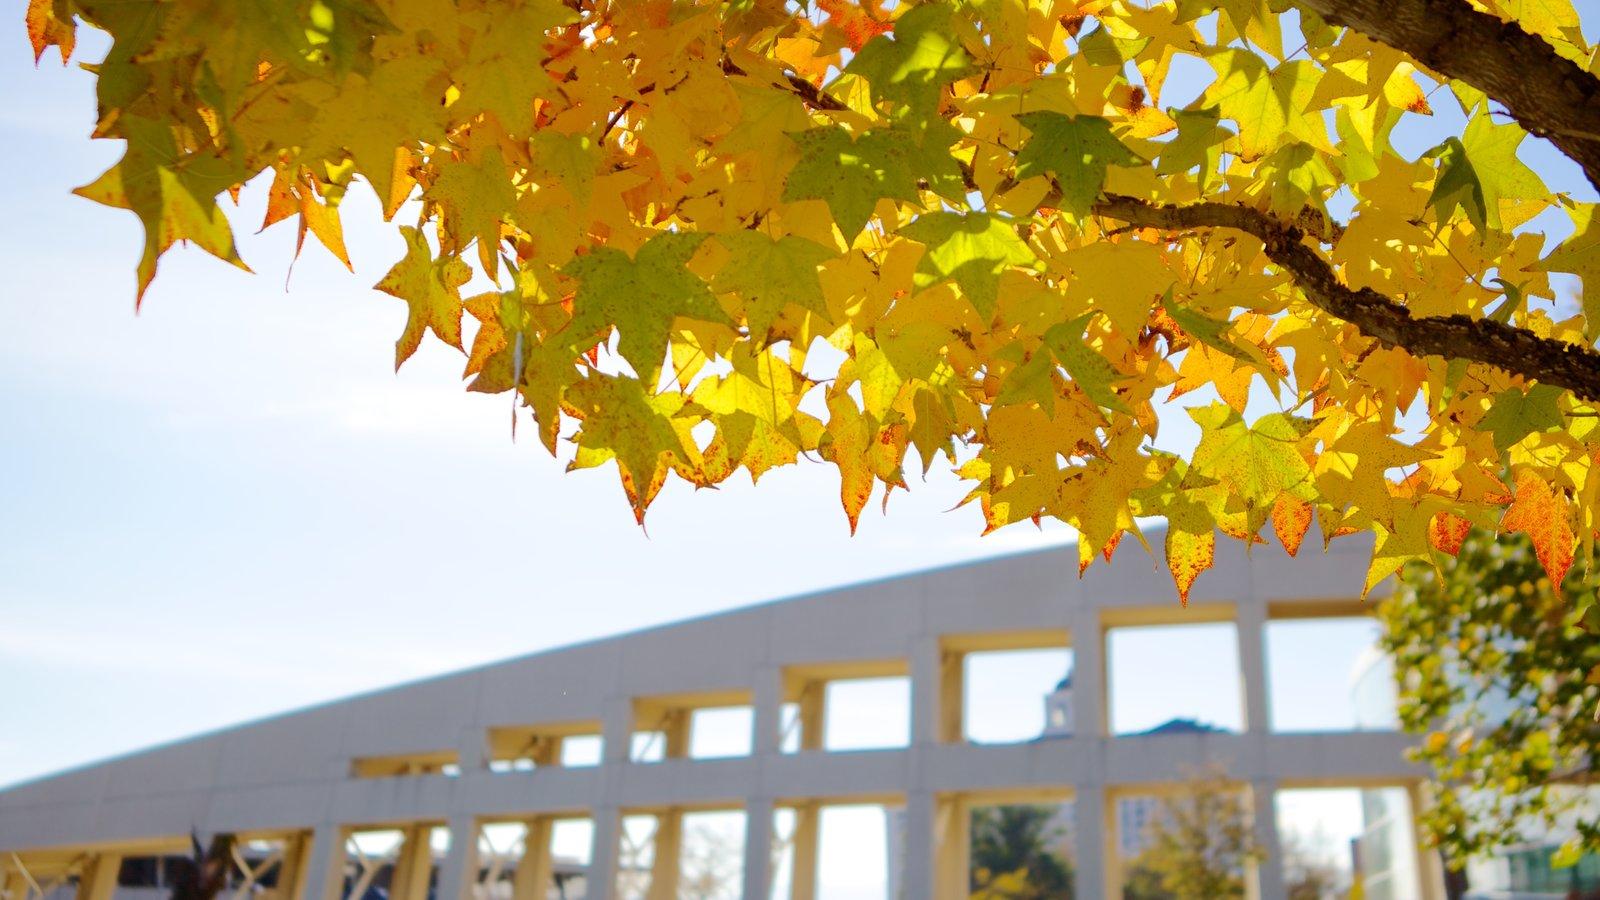 Salt Lake Public Library Main Building mostrando arquitectura moderna y los colores del otoño